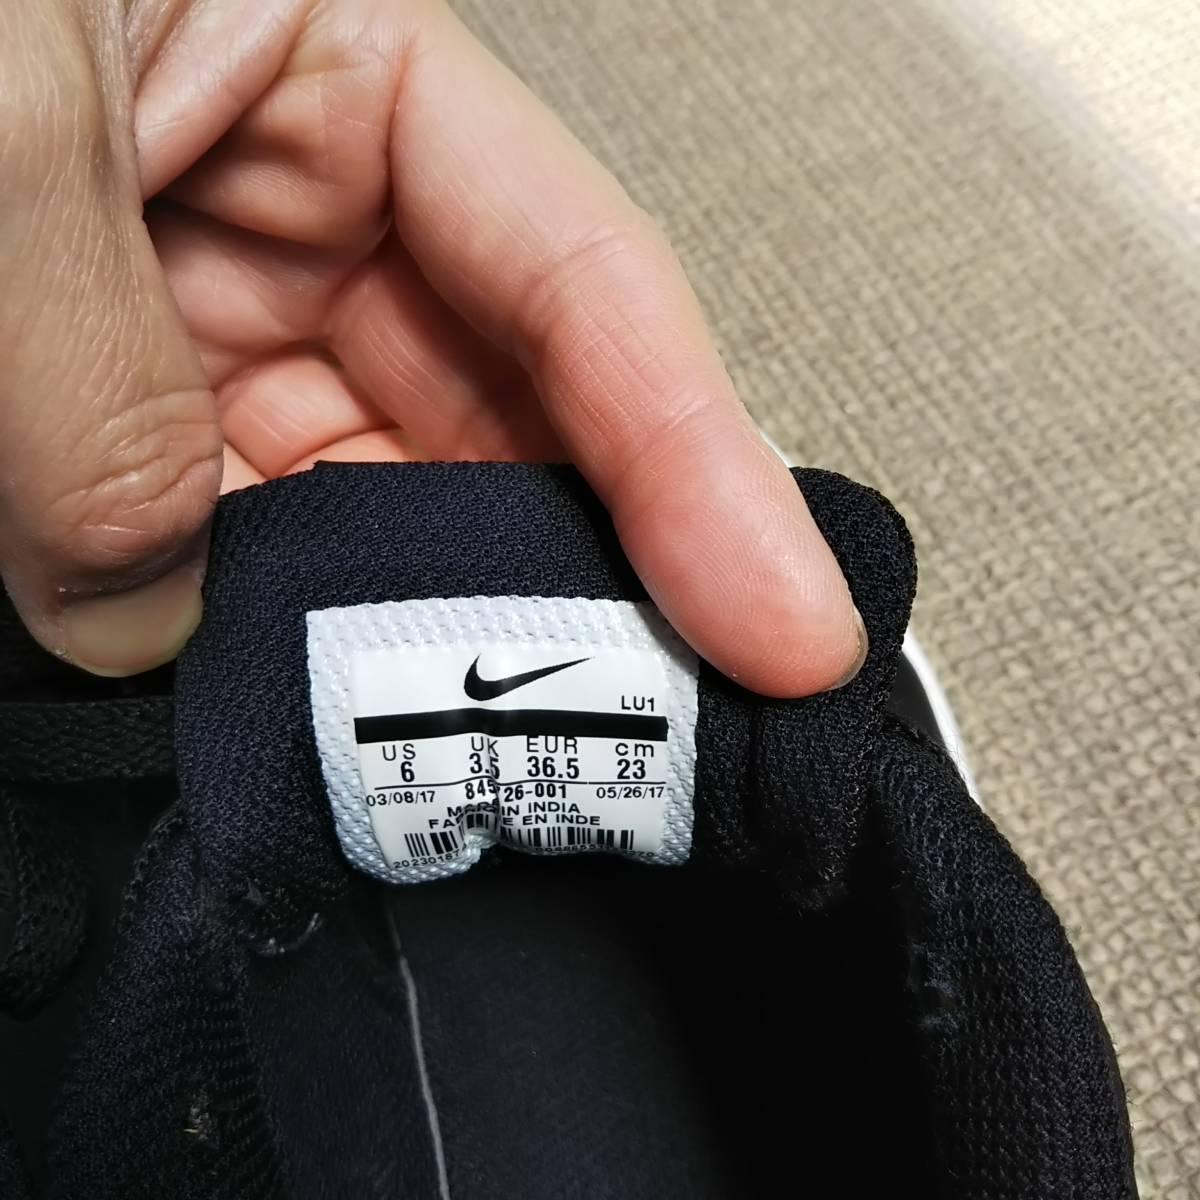 美品☆ナイキ ローカットスニーカー ブラック23センチ 運動靴 フォーマルにも○ 22 22.5 23 23.5_画像4